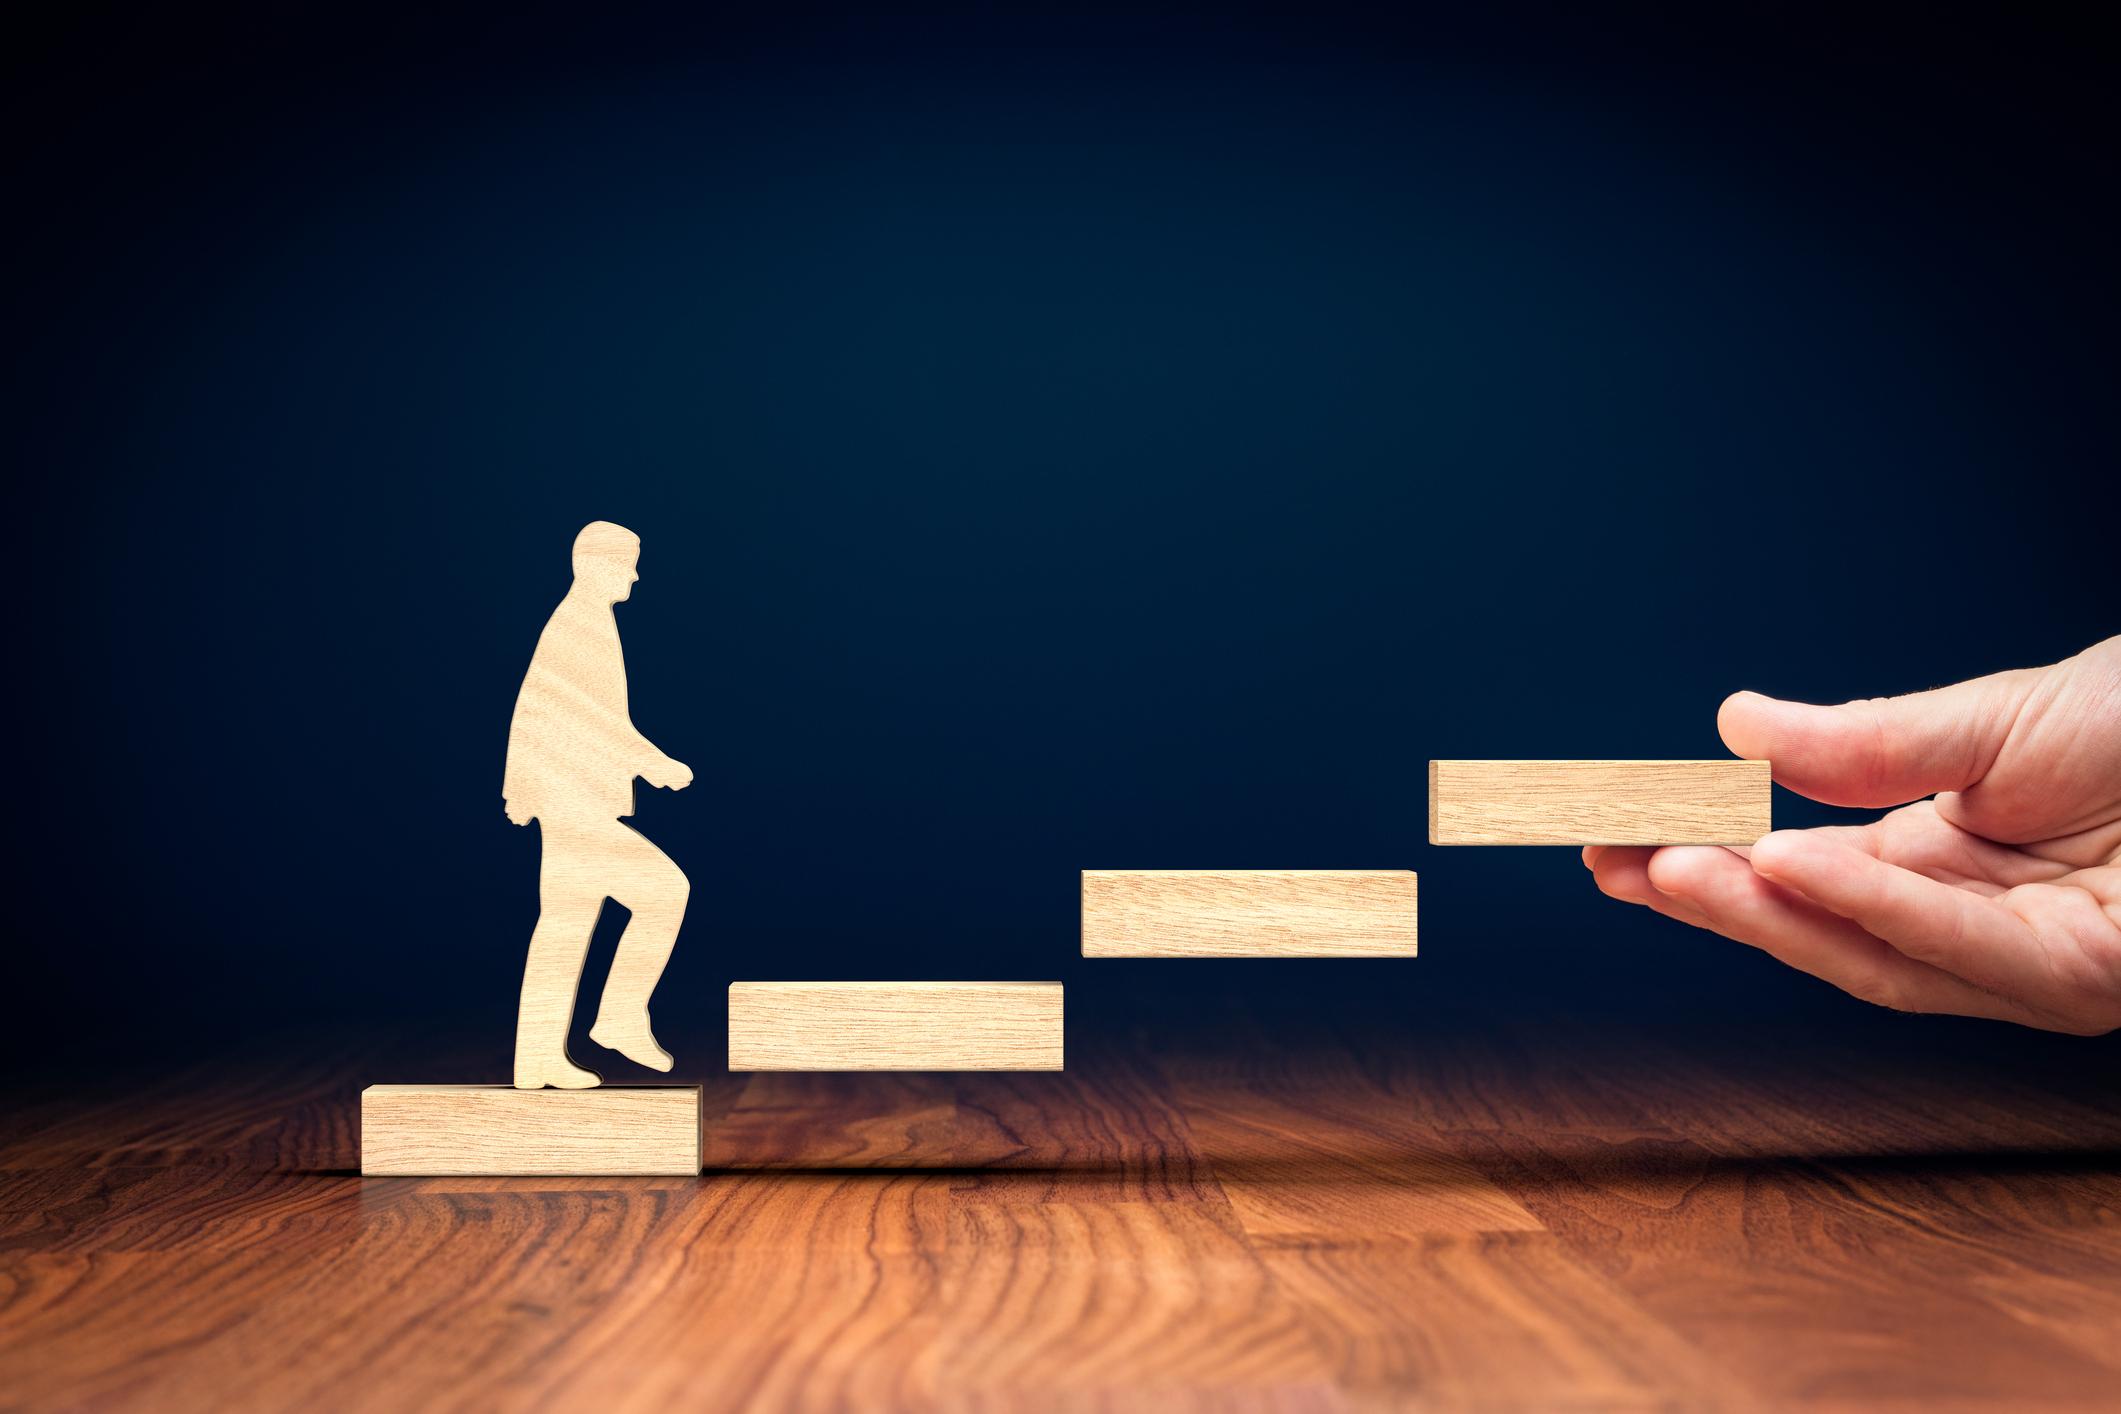 10 steg mot nya möjligheter - STARTPAKET